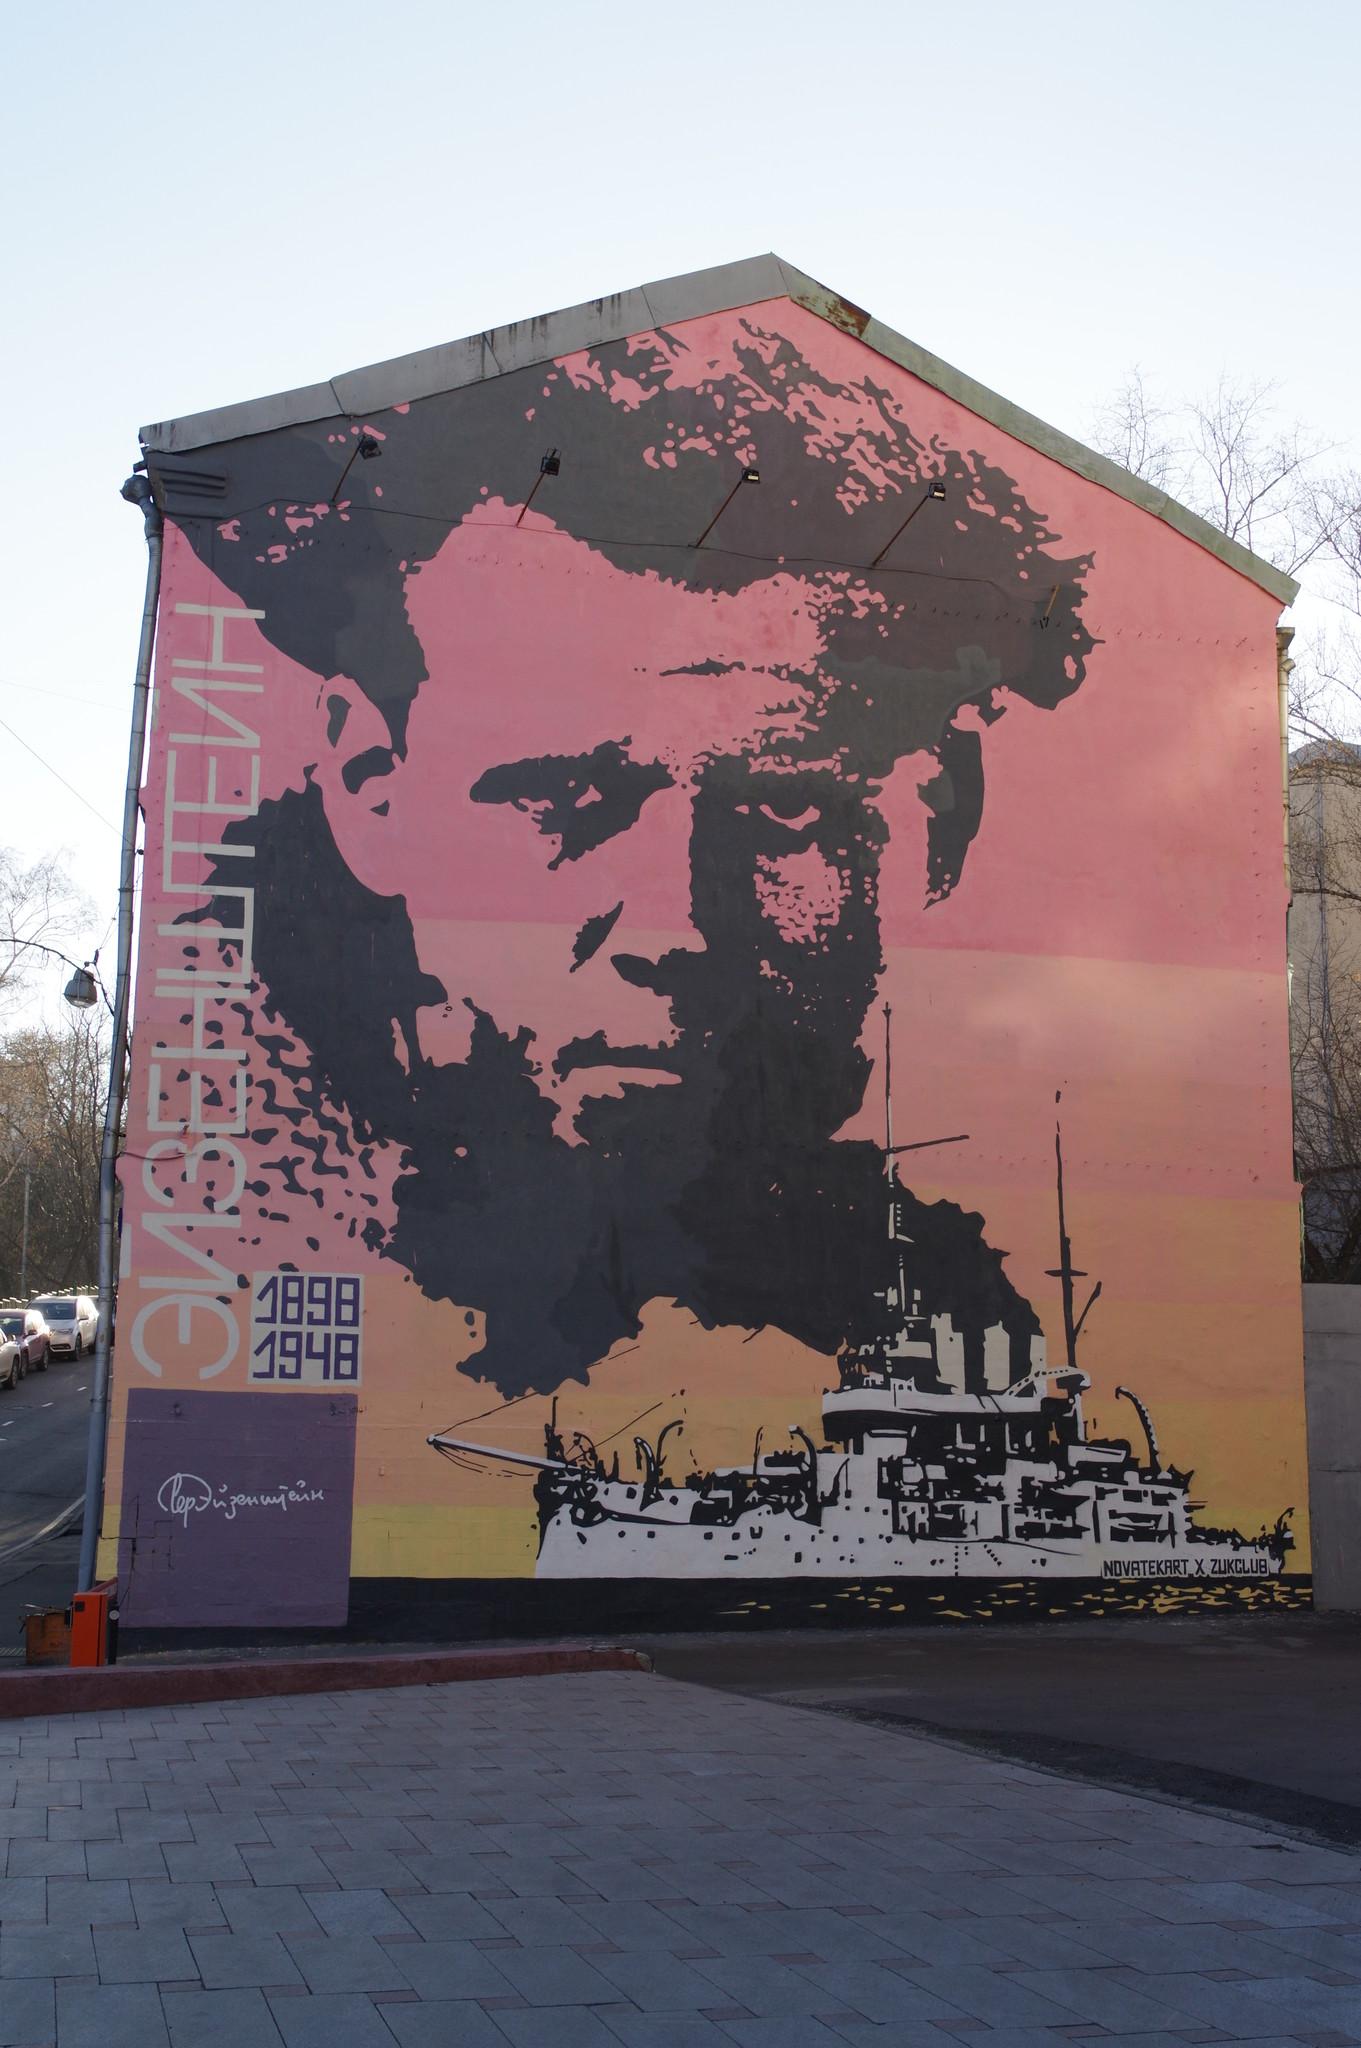 Граффити-портрет Сергея Михайловича Эйзенштейна (Большой Ватин переулок, дом 4, строение 1)